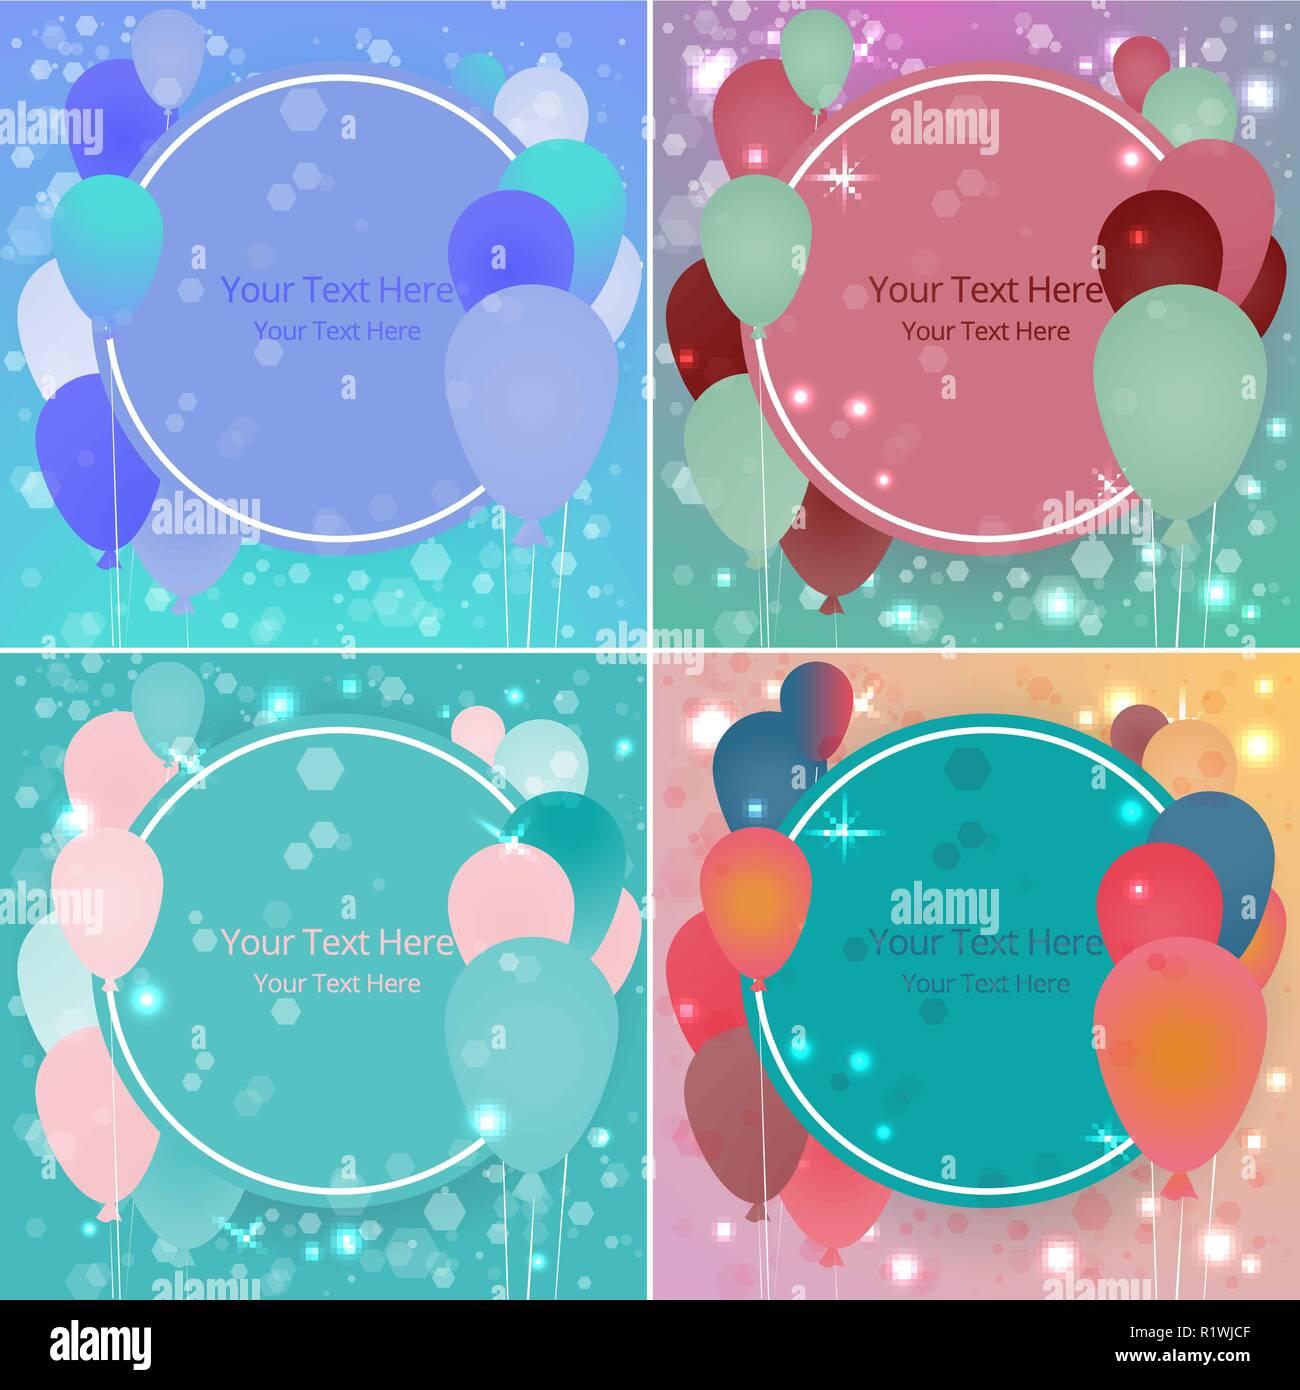 Vente Ballons Business Template Pour Site Web Et D Impression L